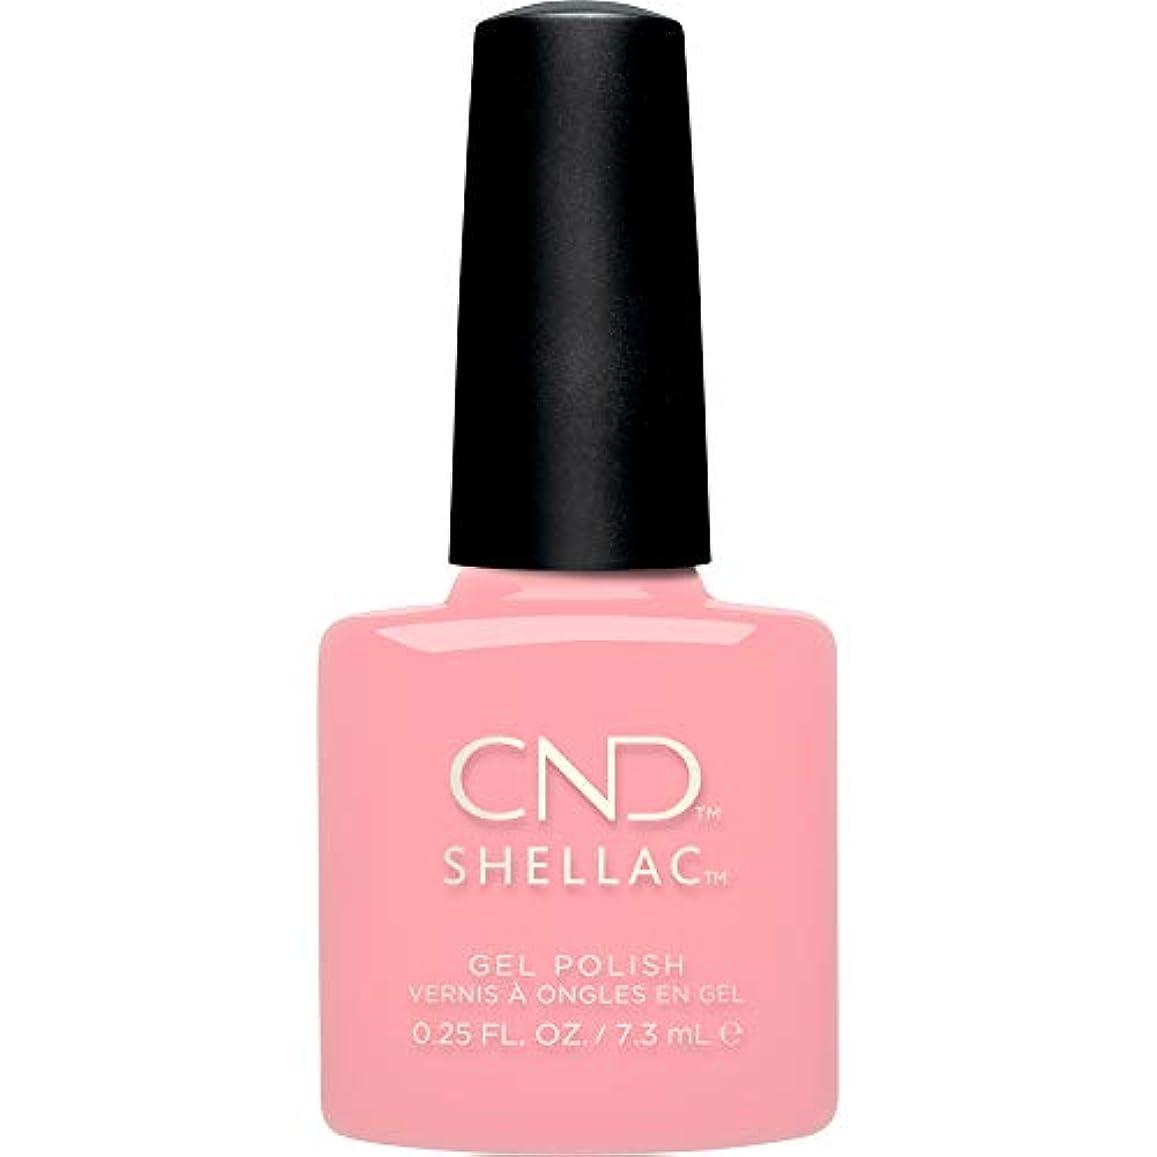 免疫常識名前でCND(シーエヌディー) CND シェラック カラーコート 286 7.3mL UV/LED対応 ジェルネイル